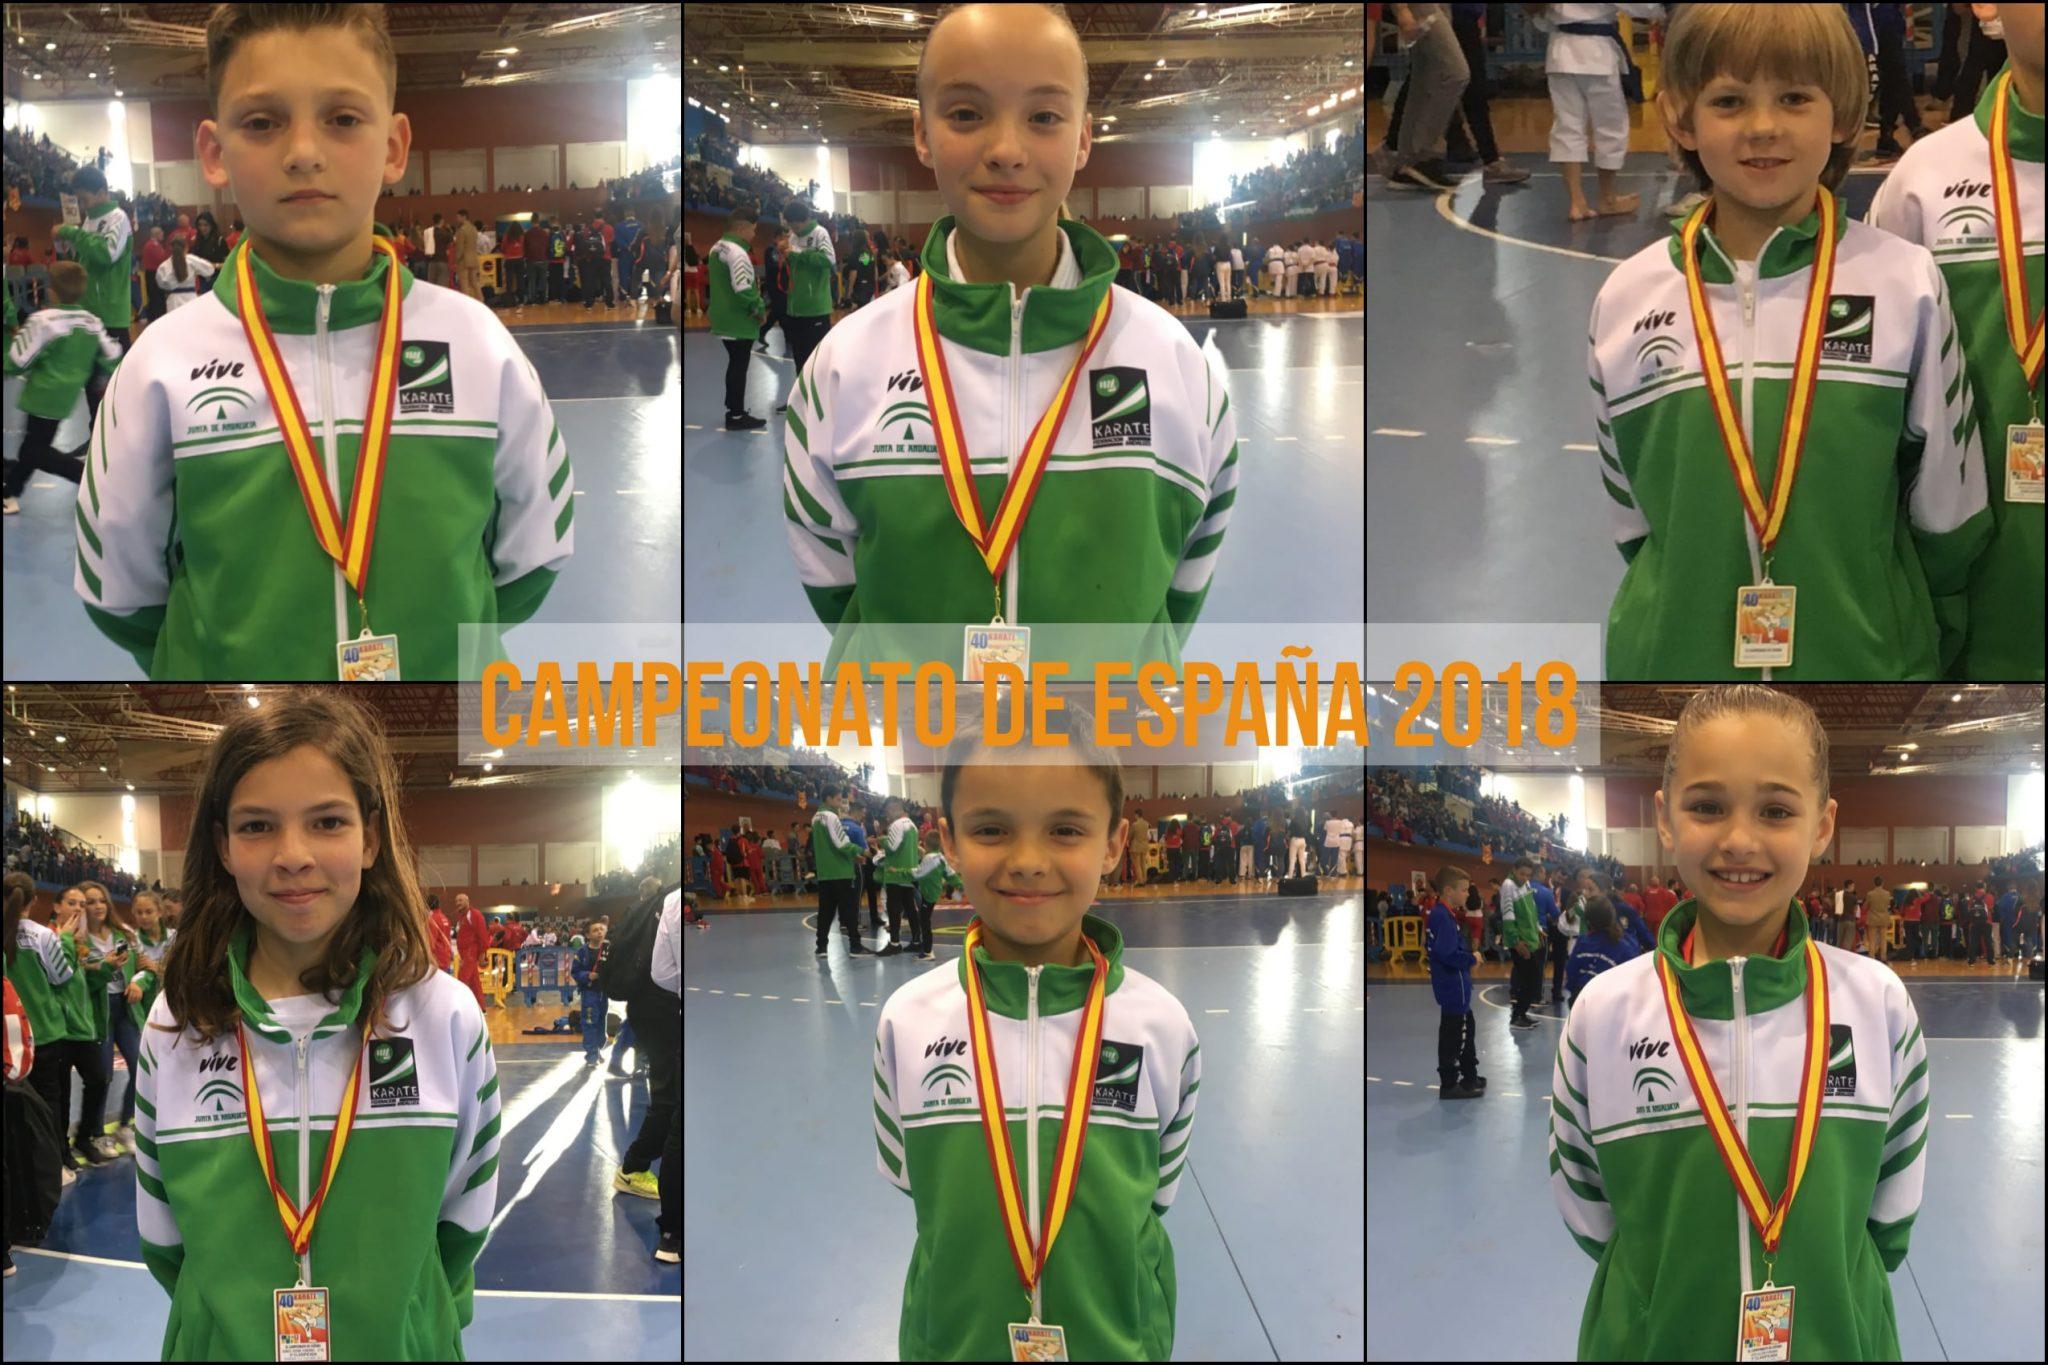 Olympic Karate Marbella logra 6 títulos en el Campeonato de España de Kárate Infantil